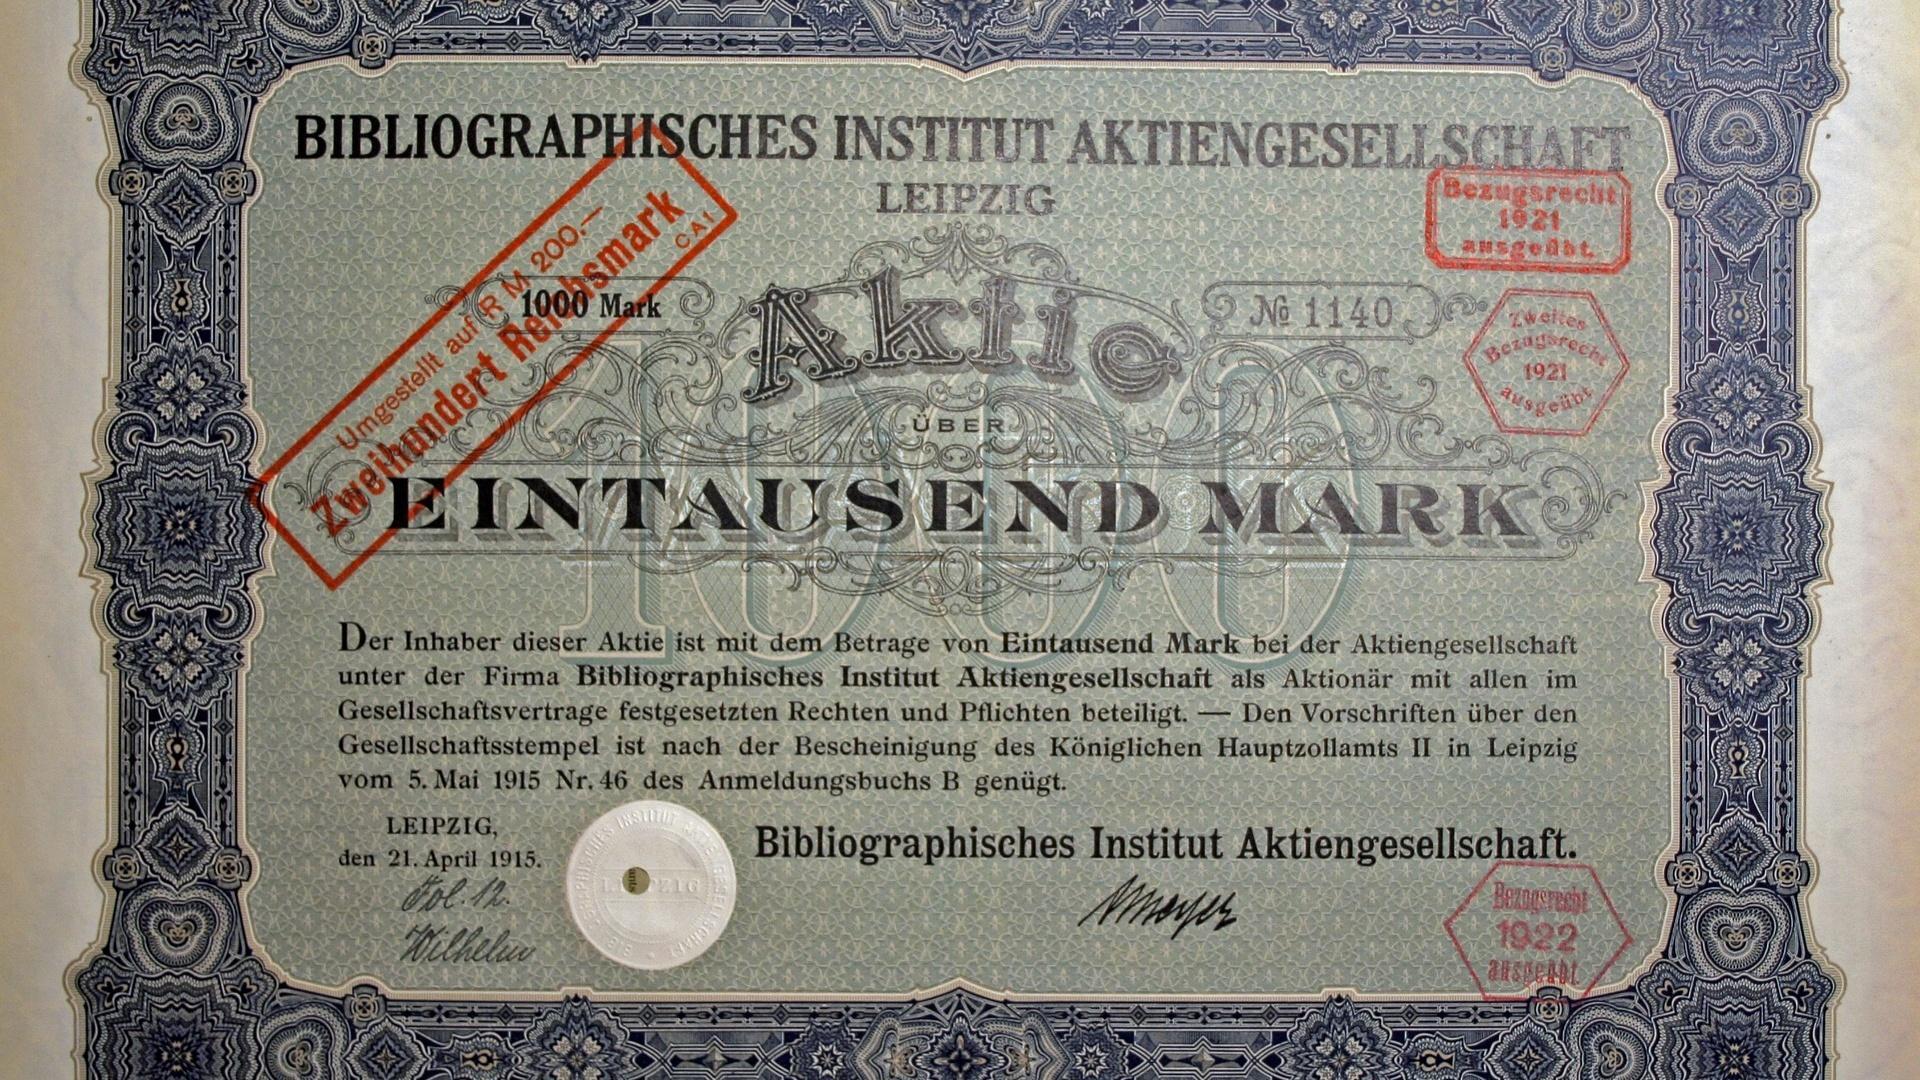 Eigentlich besteht eine Aktie aus einer Urkunde - dem Mantel - und einem Bogen, der auch Kupons enthält.